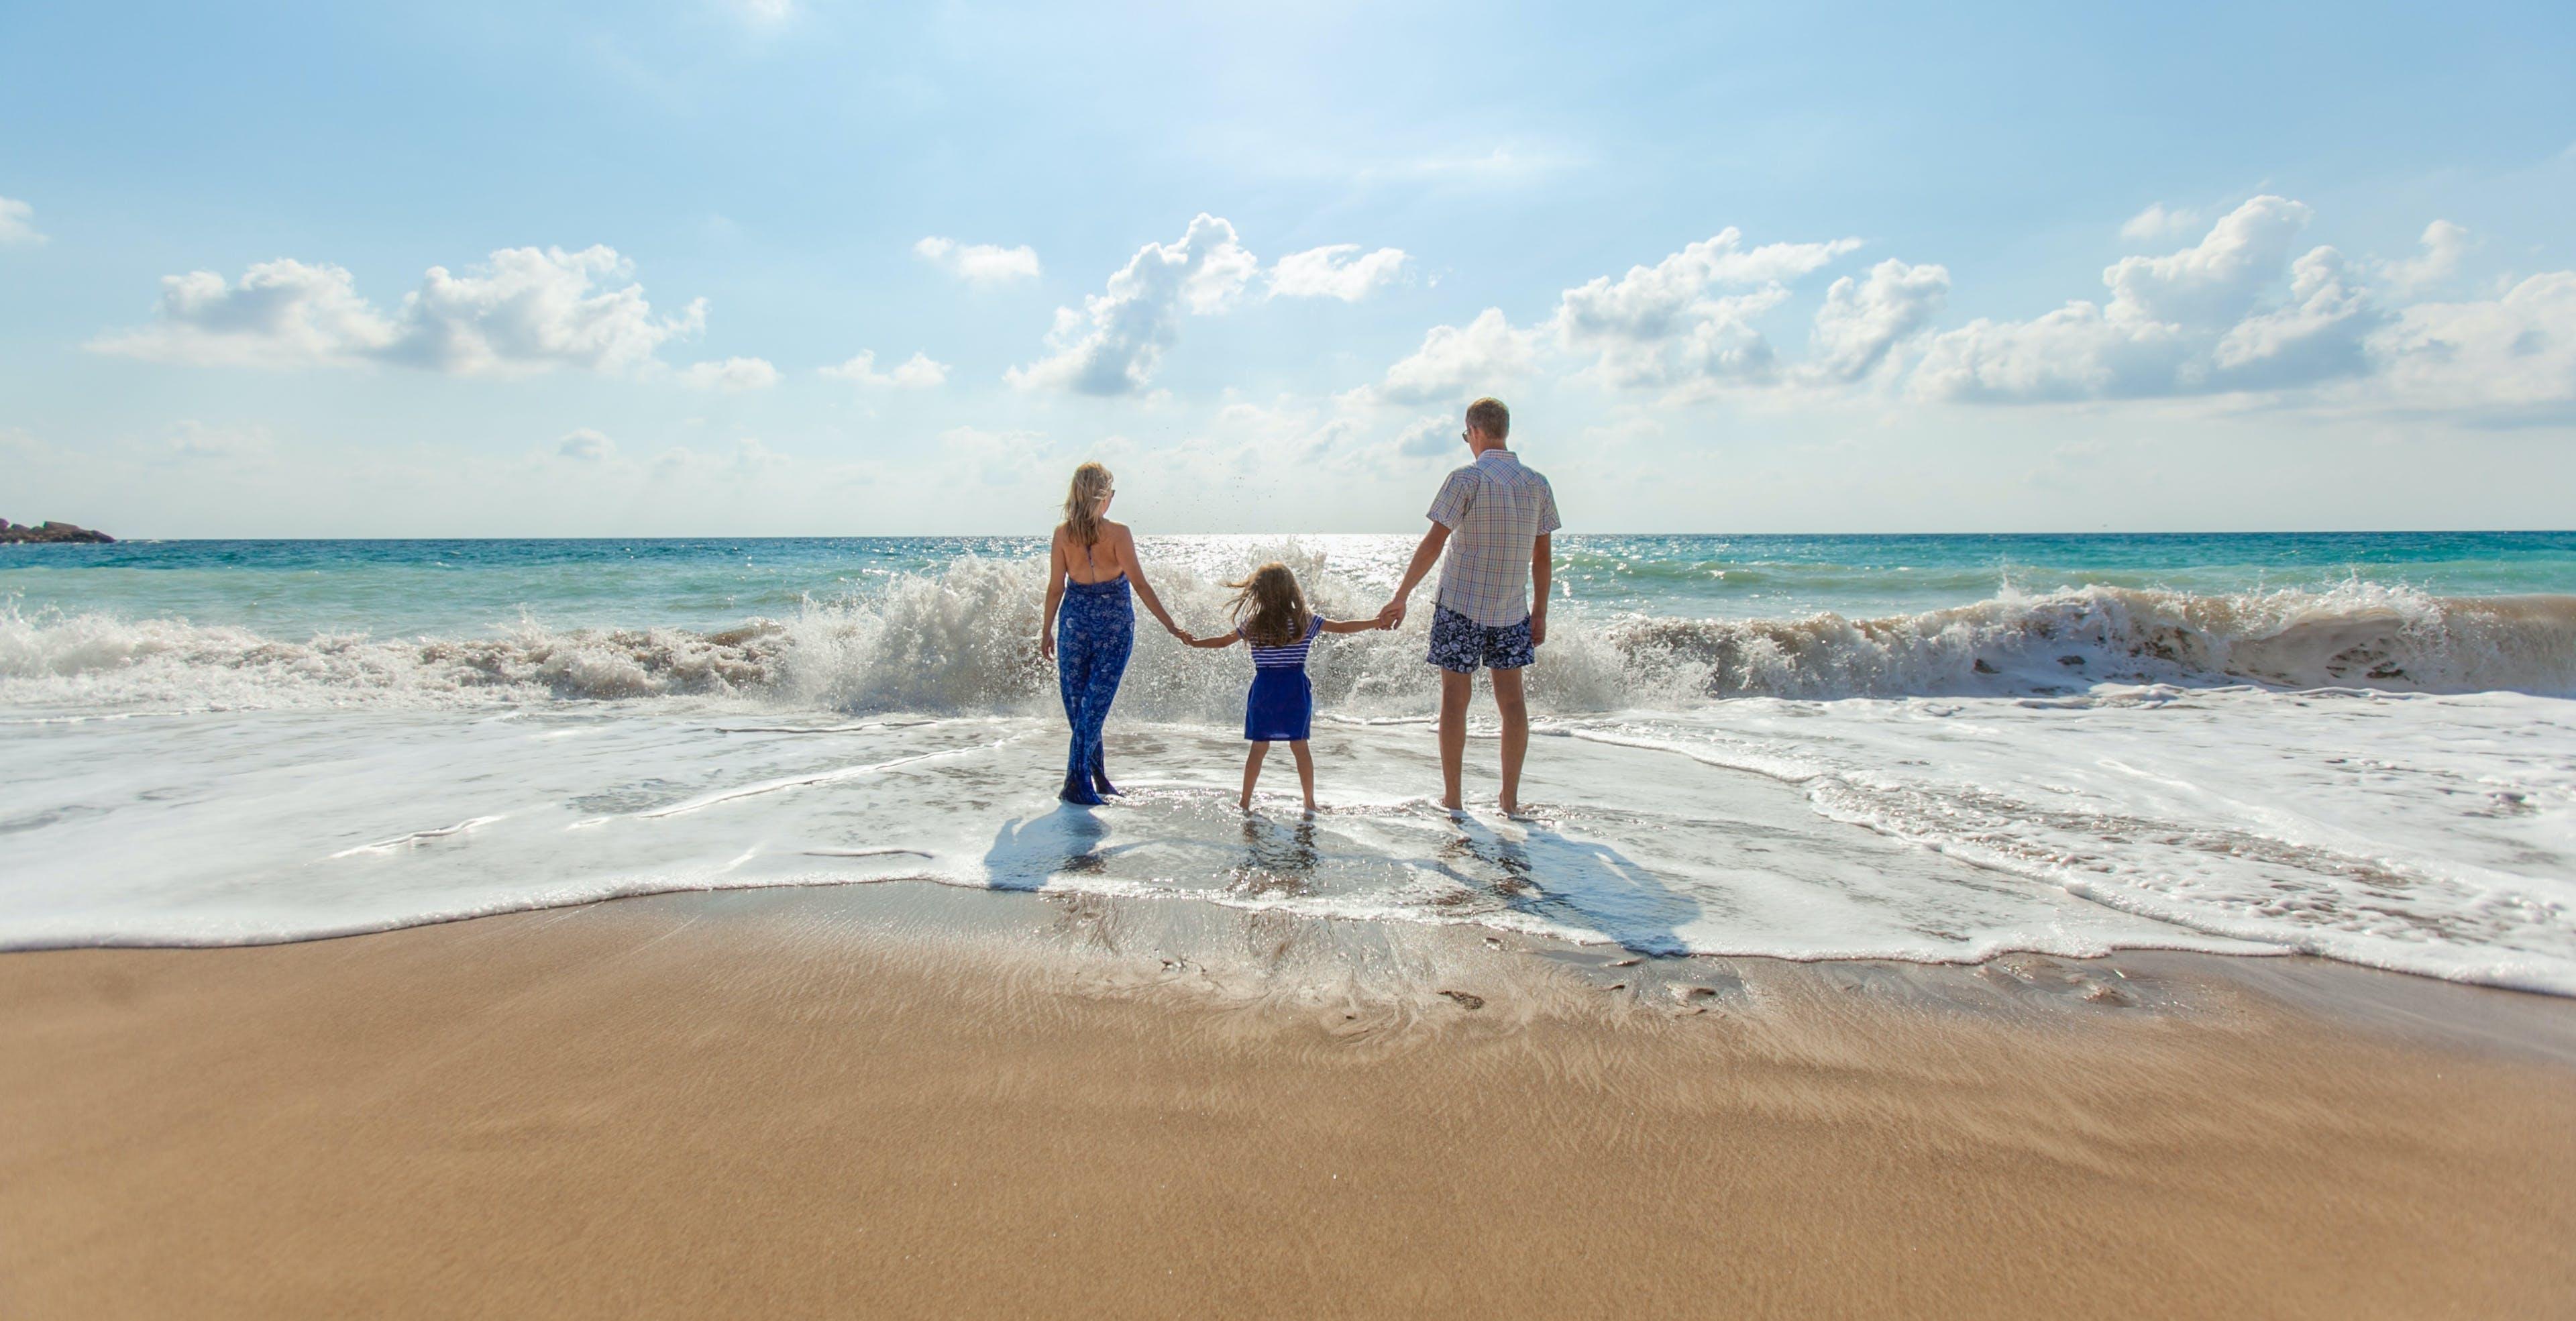 Uno scatto al mare. I trucchi per fotografare in spiaggia e portare a casa belle foto